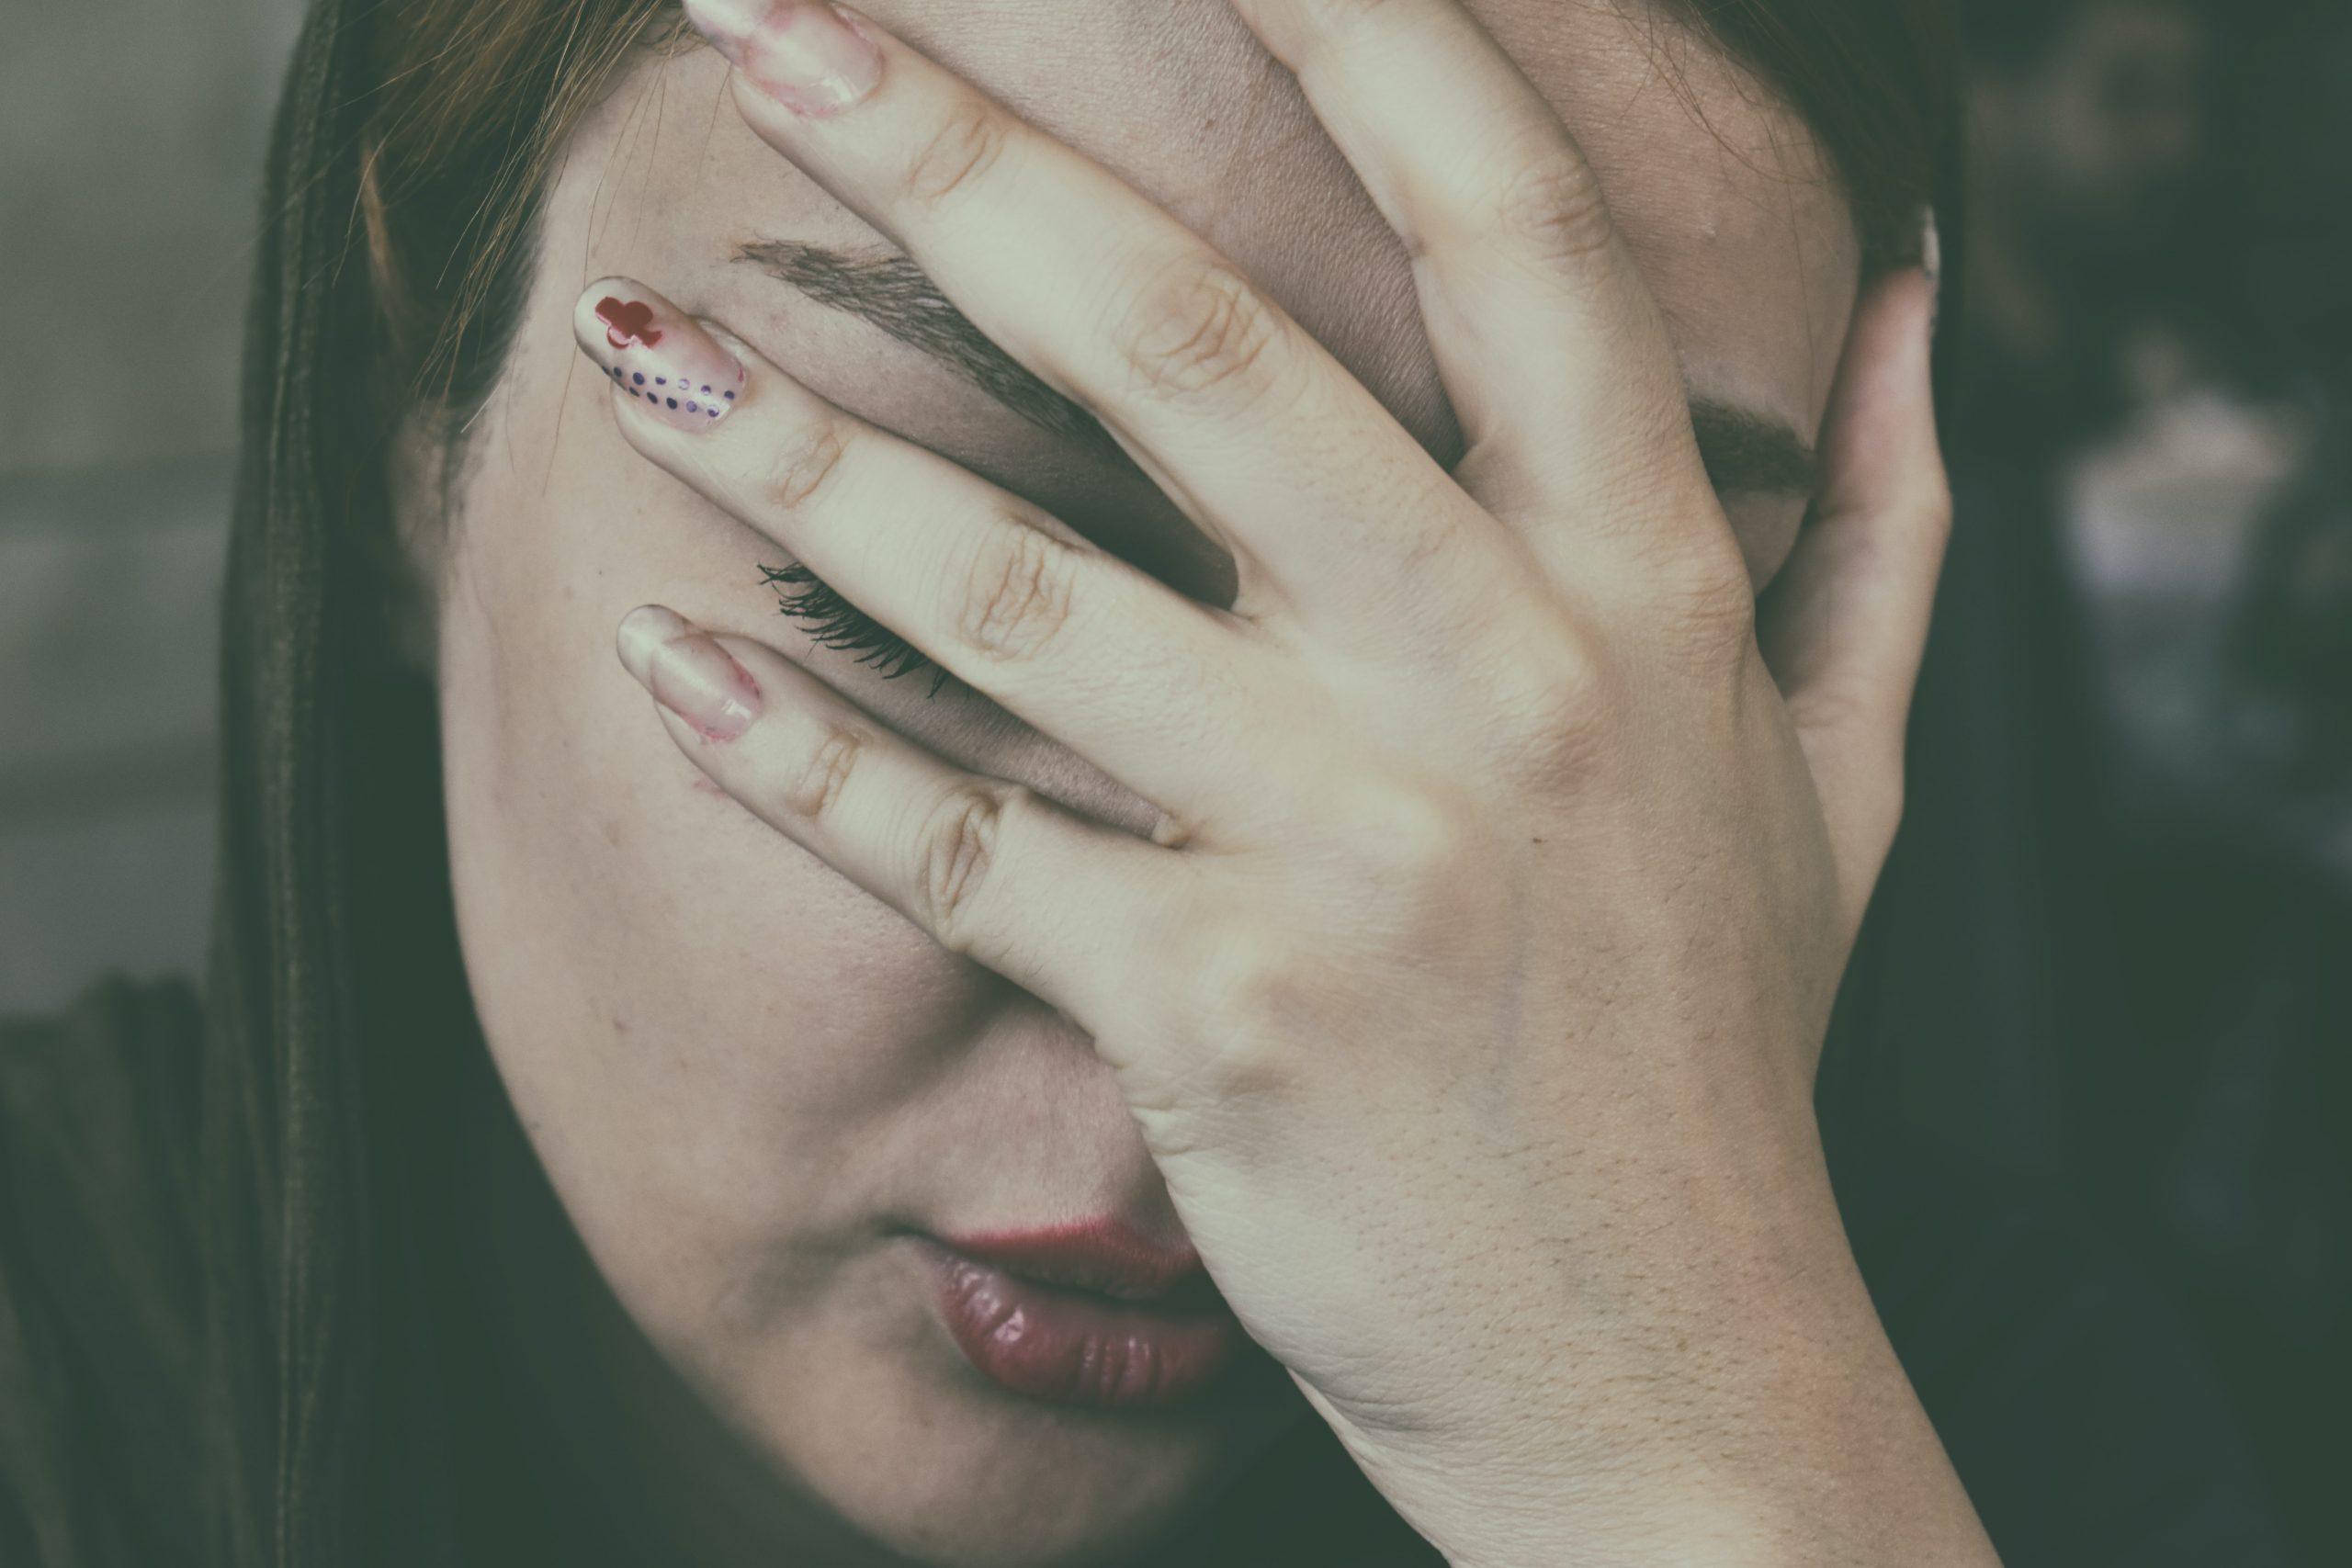 Csendes szívroham nőknél: erre a 9 jelre figyeljen!